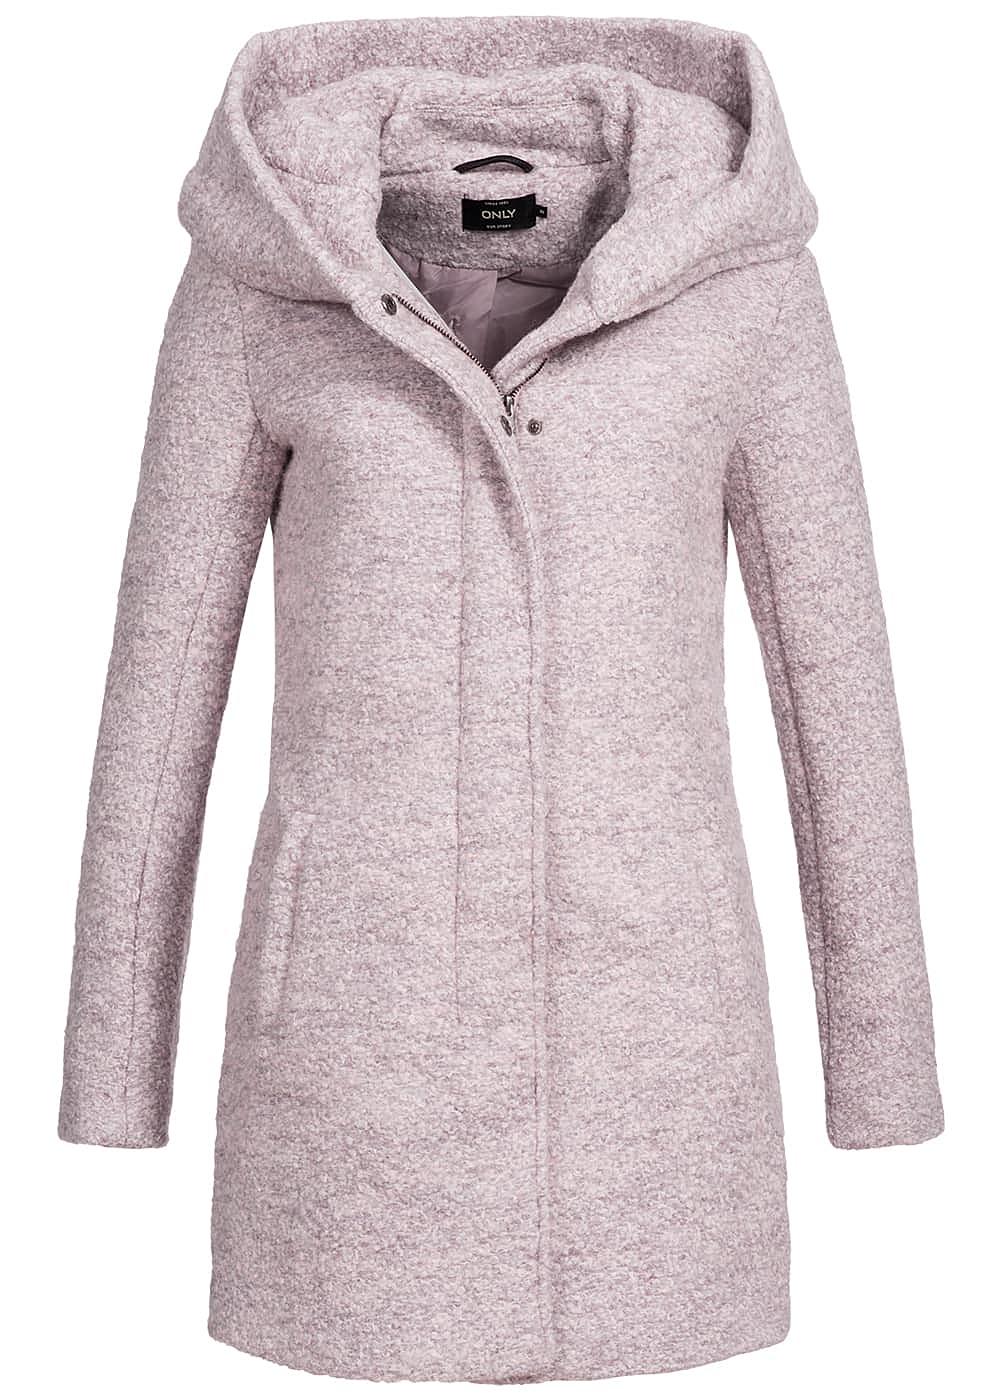 only damen mantel kapuze 2 taschen vorne warm taupe lila melange 77onlineshop. Black Bedroom Furniture Sets. Home Design Ideas